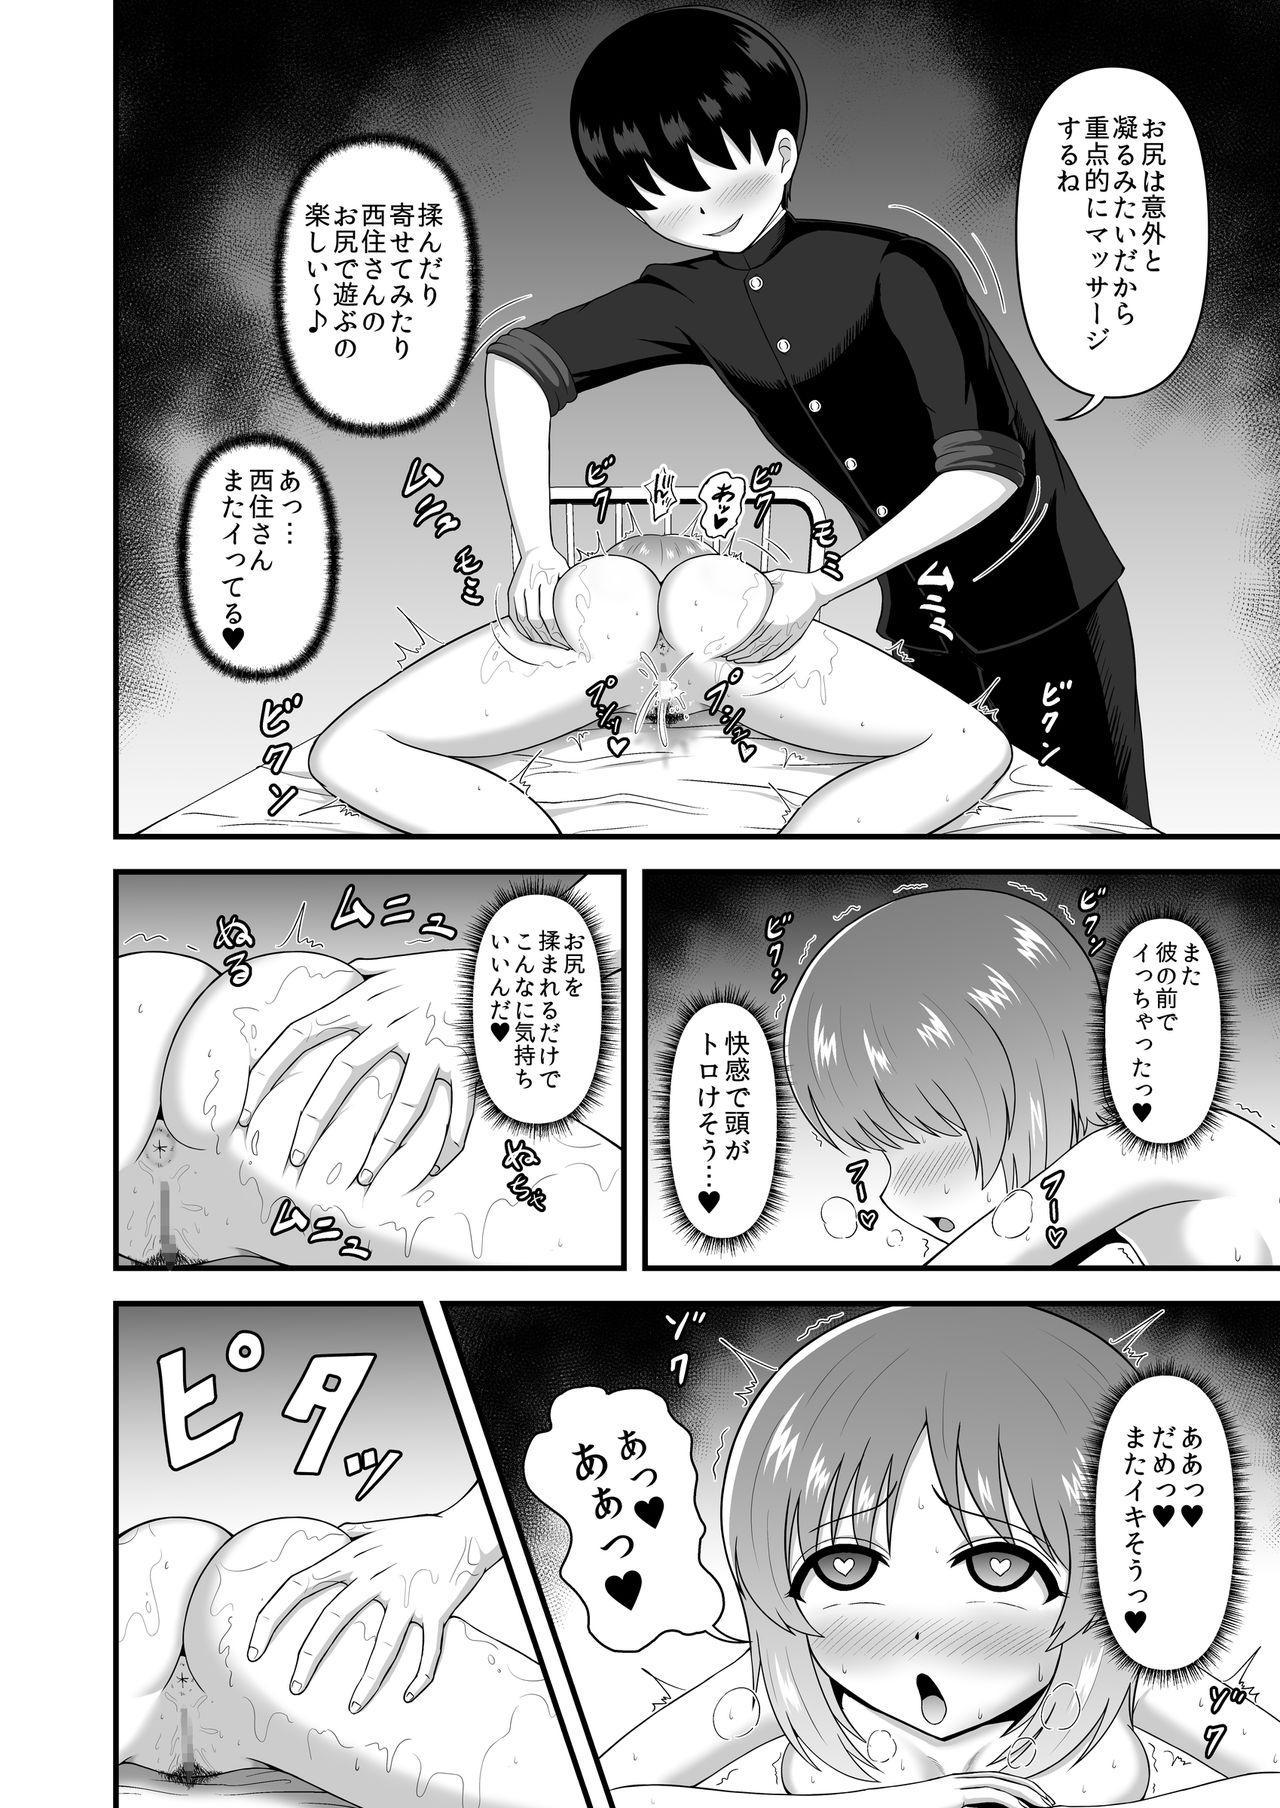 Teisou Gyakuten Abekobe Banashi 3 14